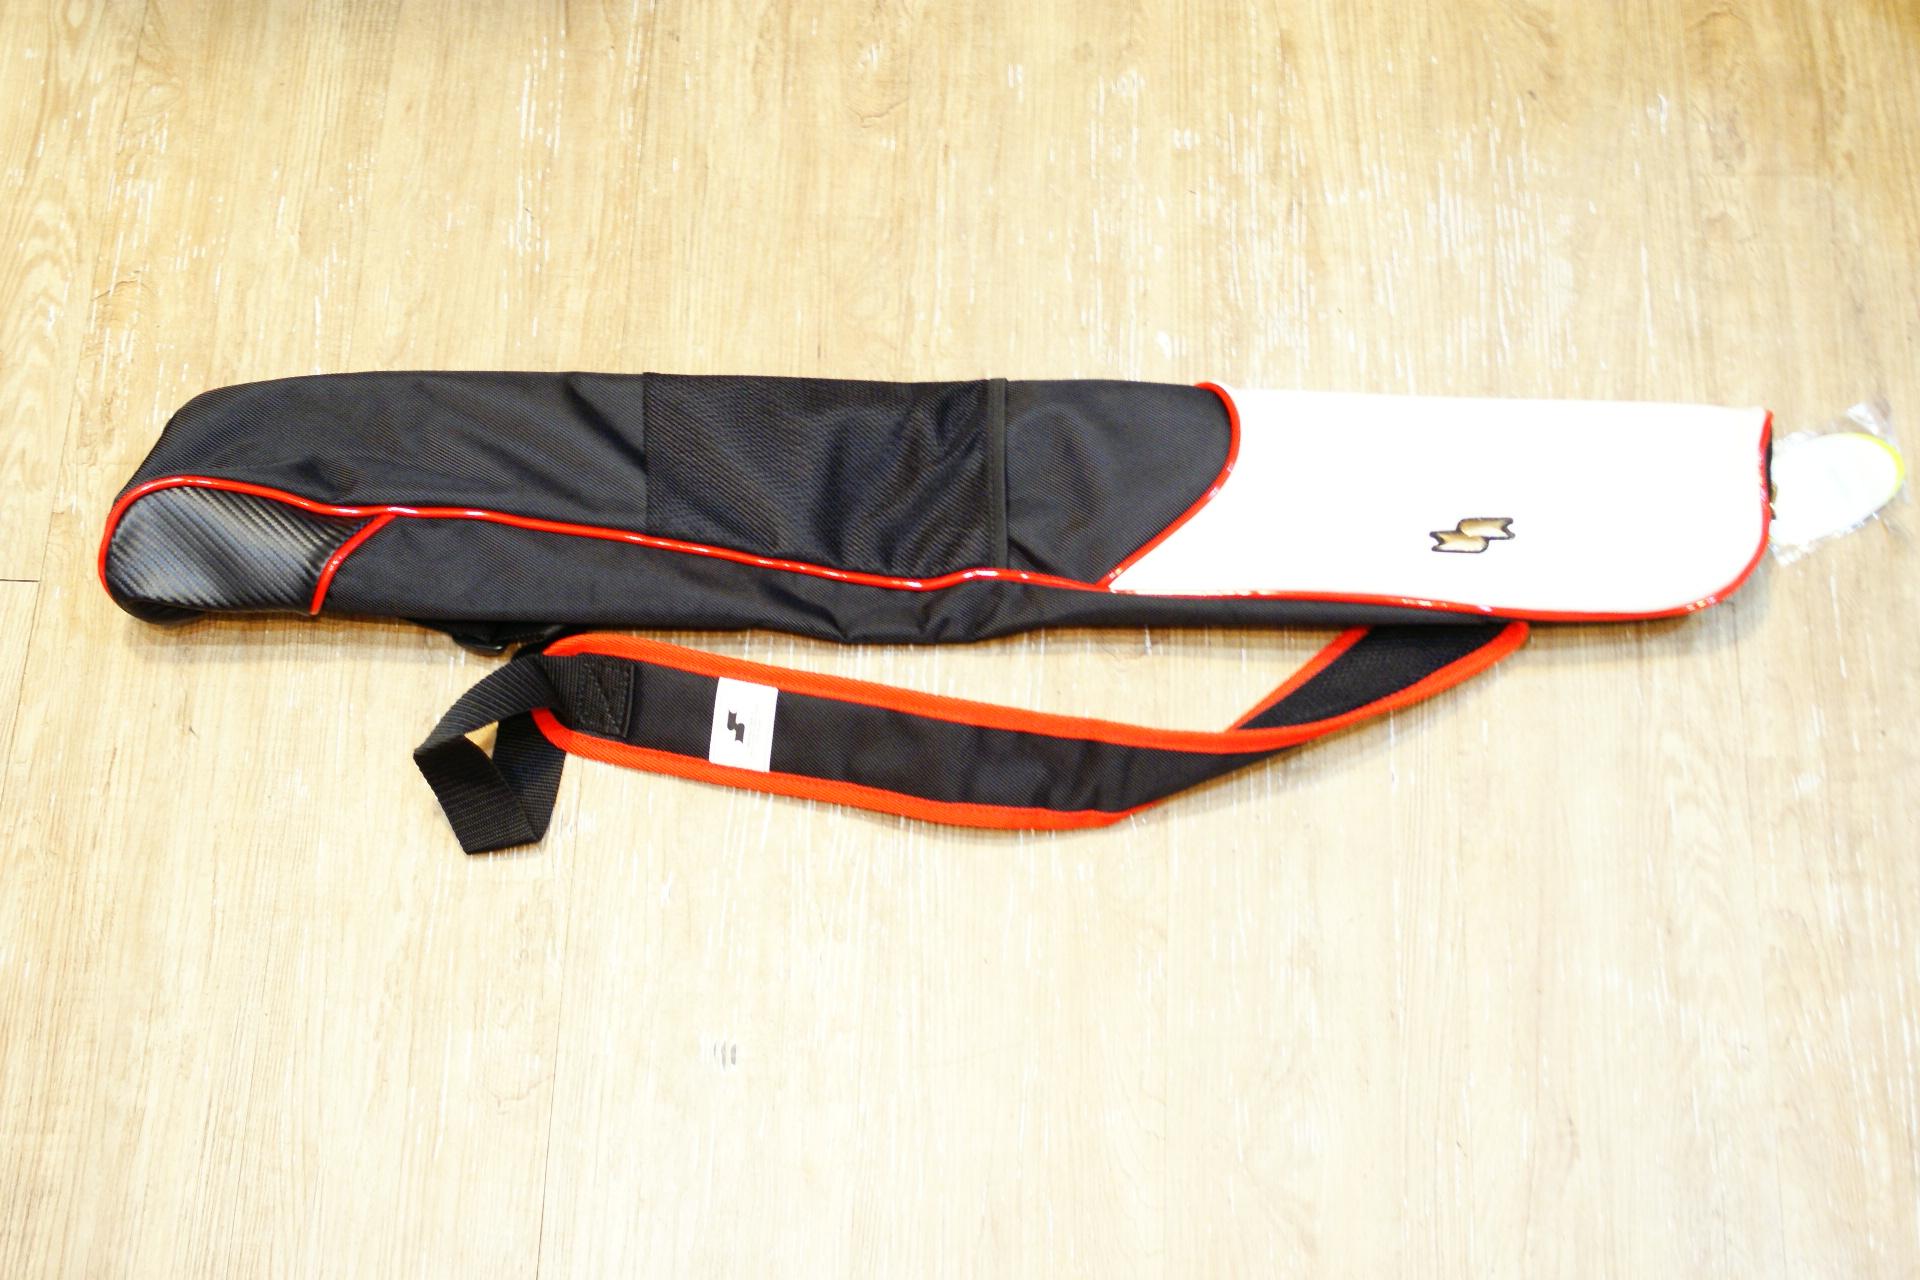 棒球世界全新SSK日本進口高質感單支裝球棒袋 黑紅配色 特價